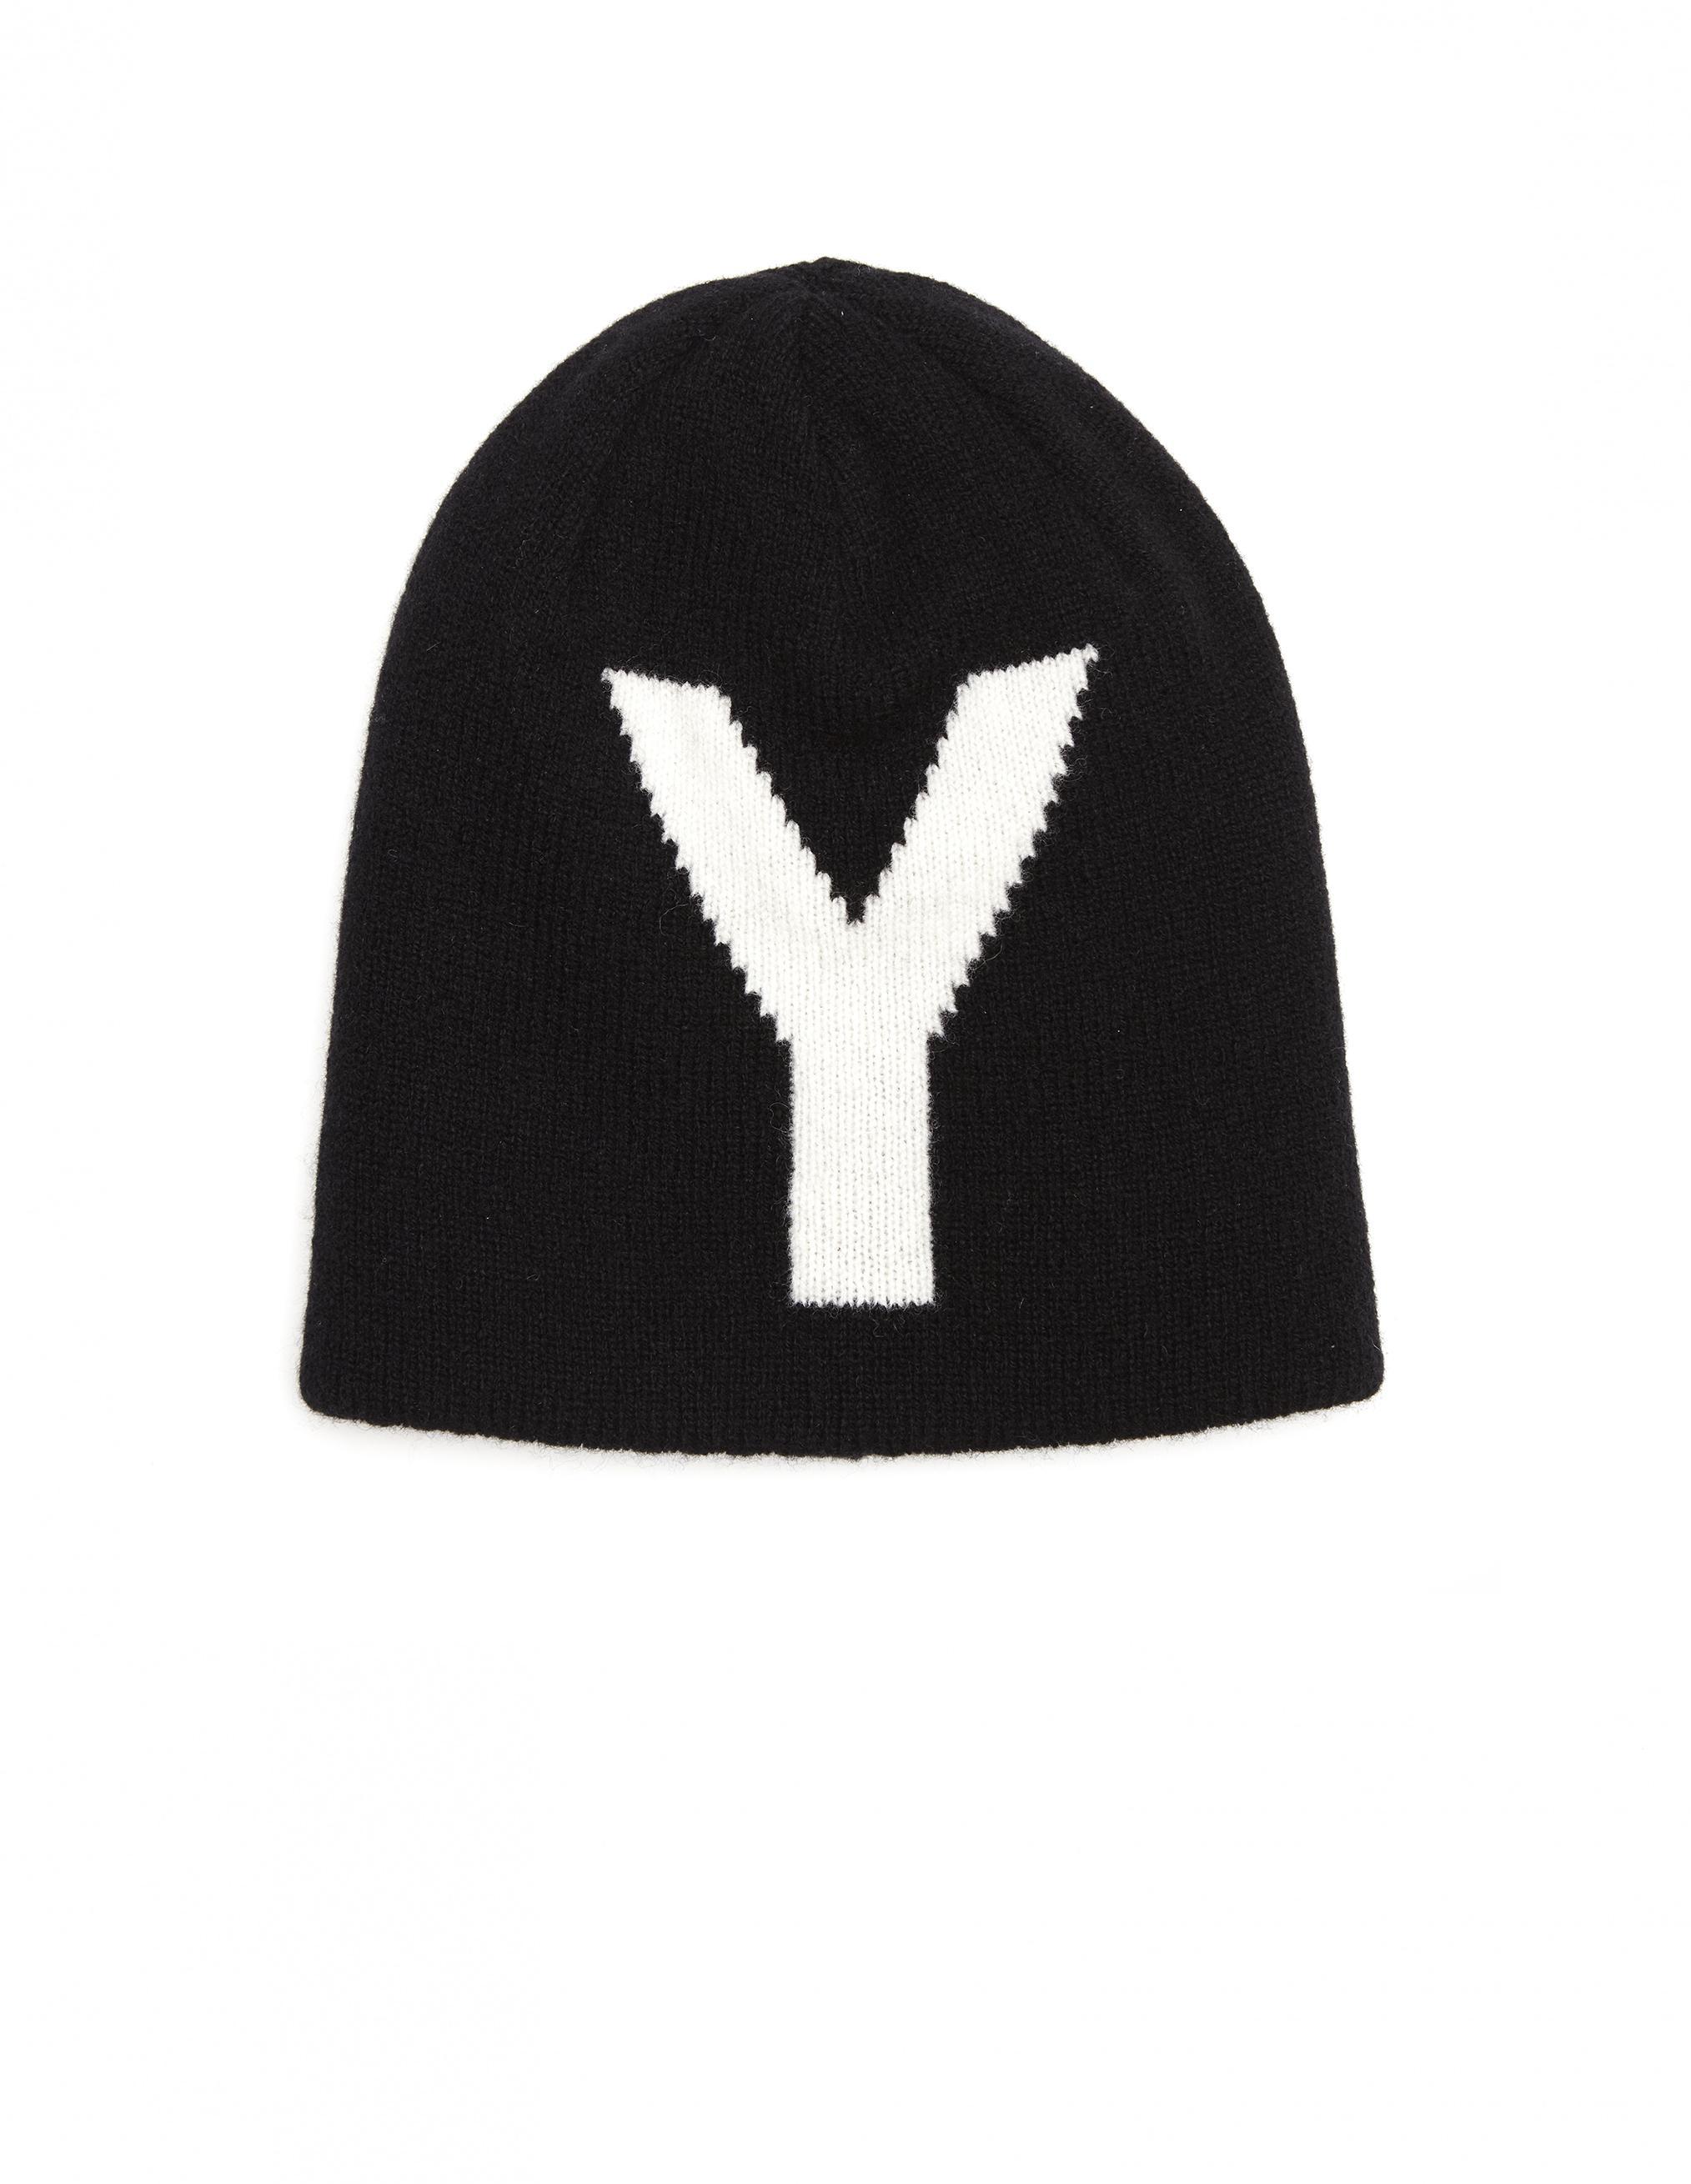 c3151a791e4 Lyst - Y s Yohji Yamamoto Reversible Wool Knit Hat in Black